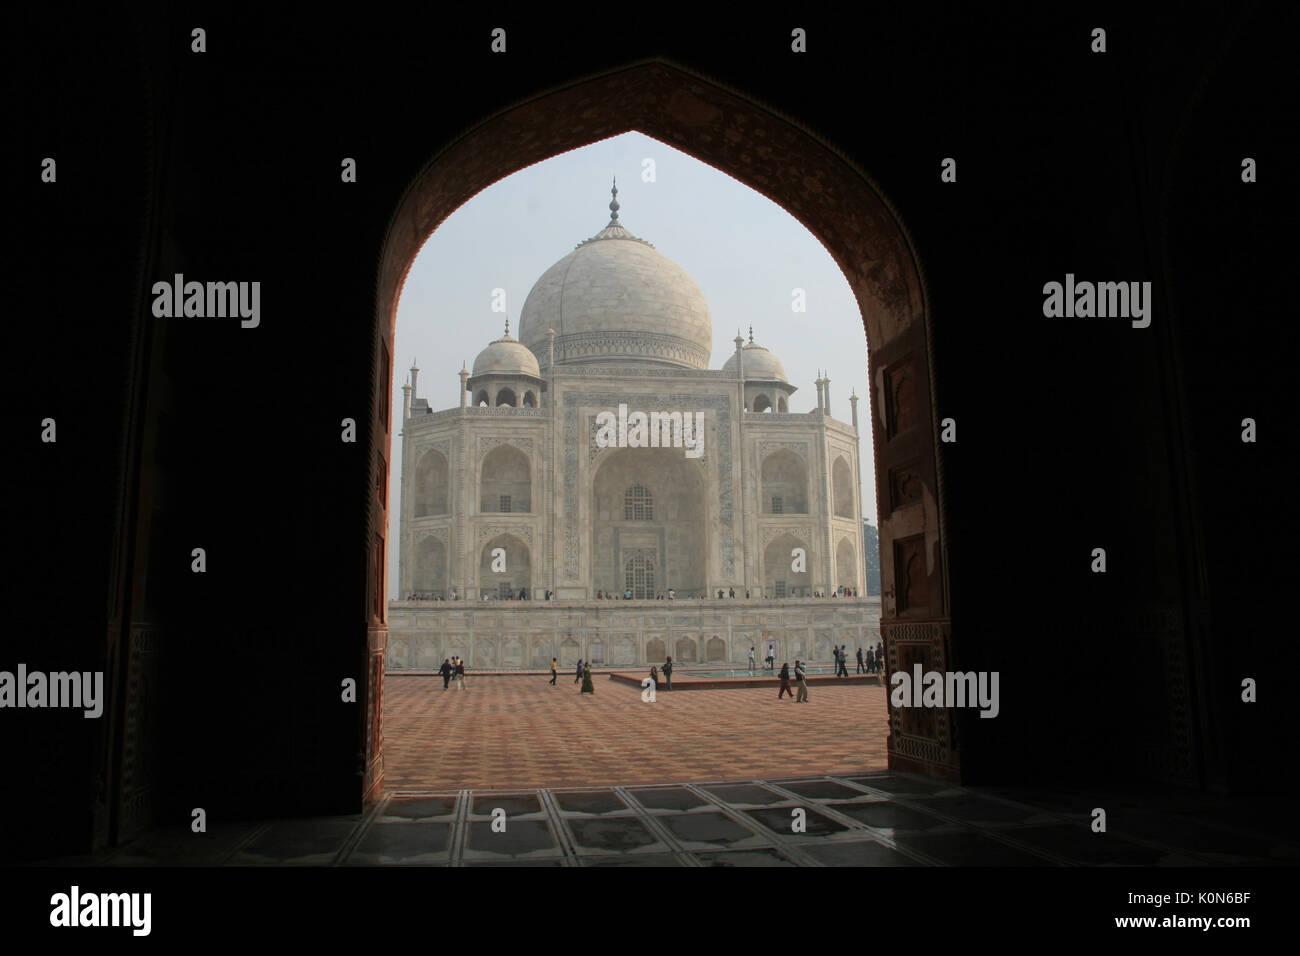 The Taj Mahal in Agra - Stock Image